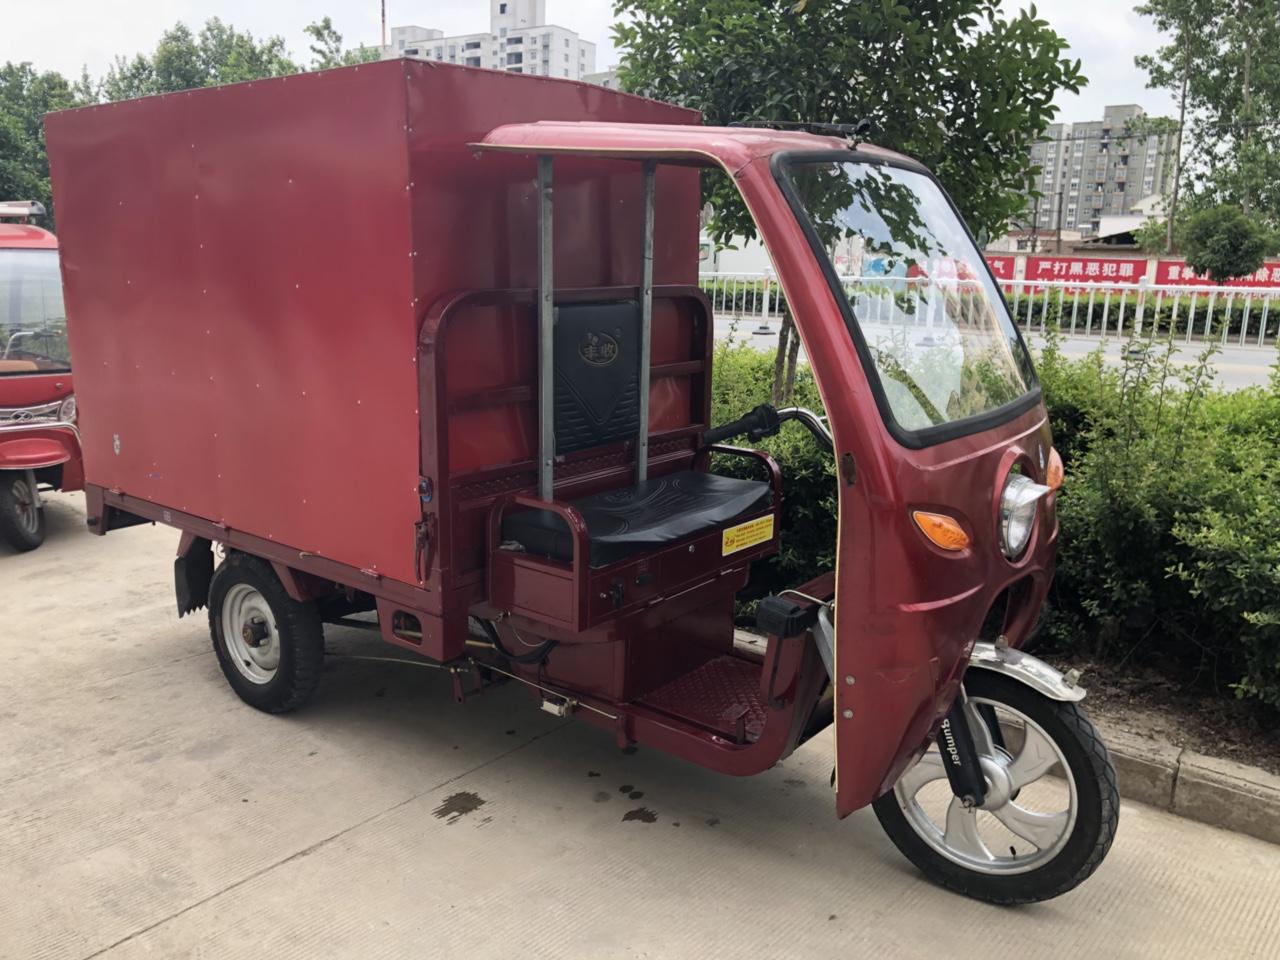 帮朋友出几台丰收水电瓶三轮车,带蓬和后货厢,几乎是全新,送货搞副食配送等有需要的联系。